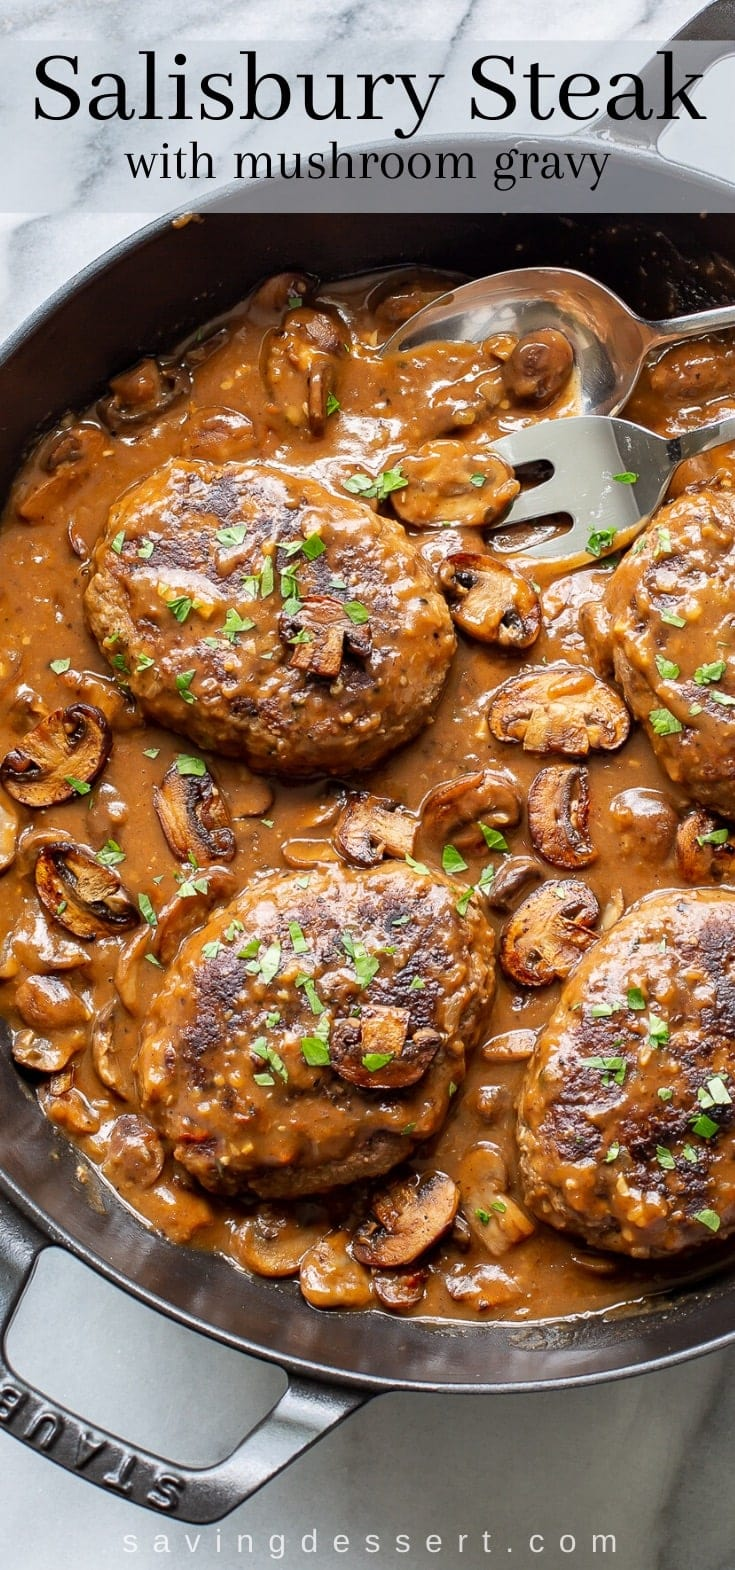 Una bistecca alla Salisbury con una ricca e scura salsa di funghi